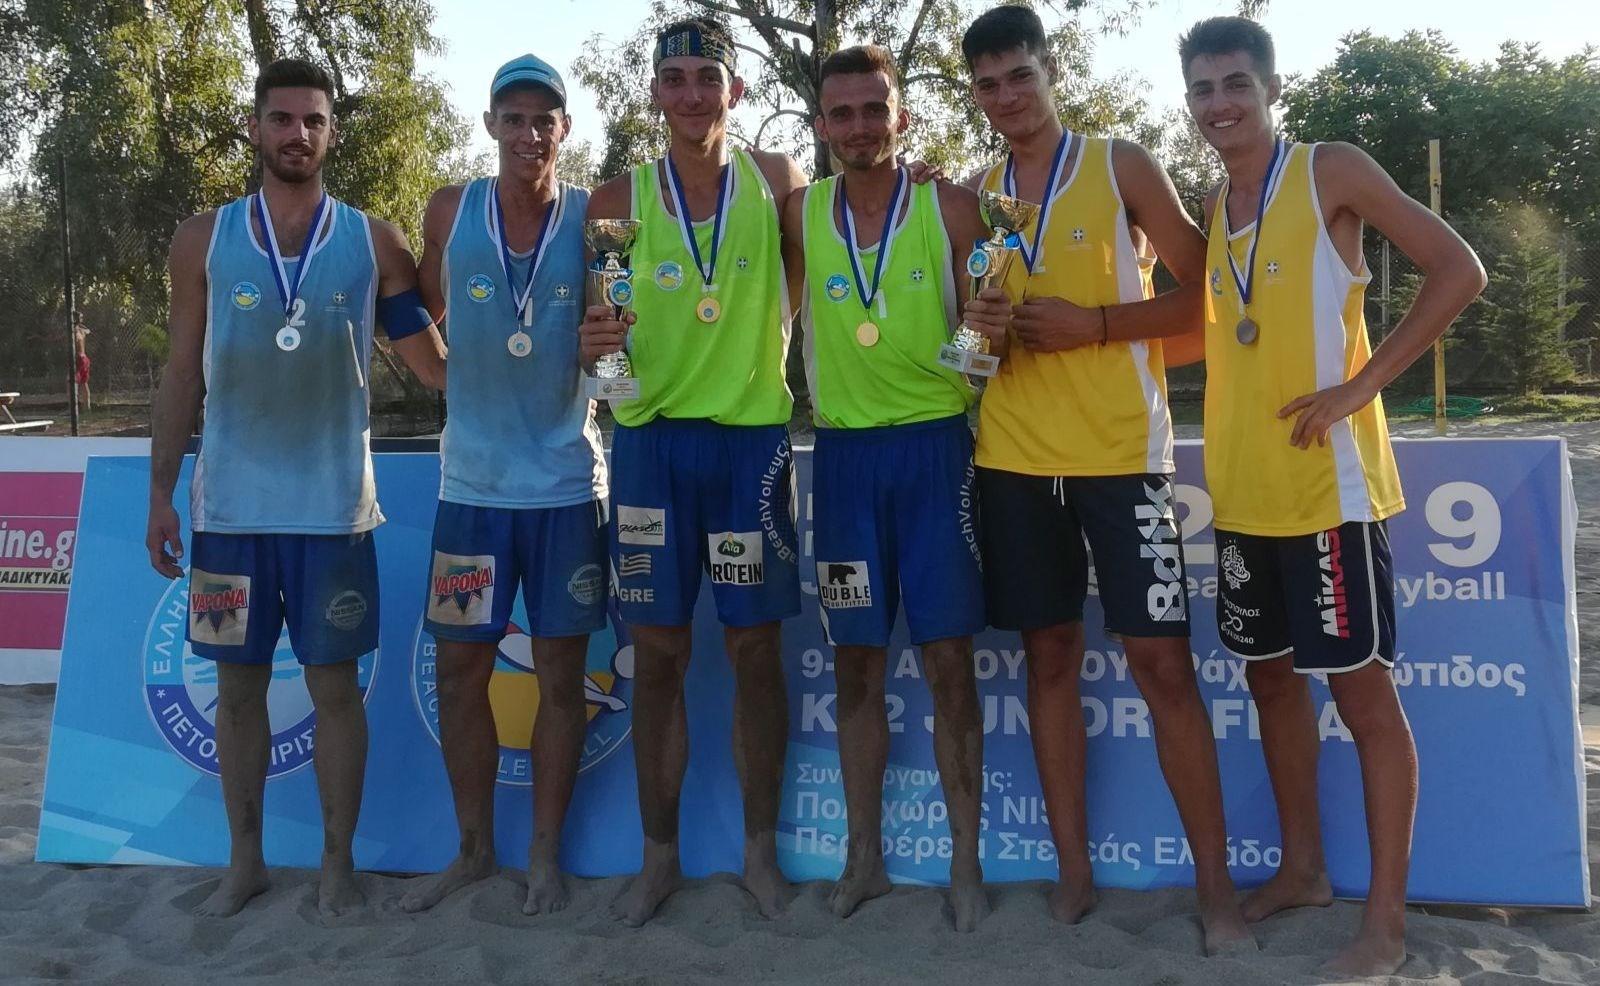 Μπιτς βόλει: Οι Χανδρινοί στο βάθρο του Κ22 Juniors Final στις Ράχες Φθιώτιδας